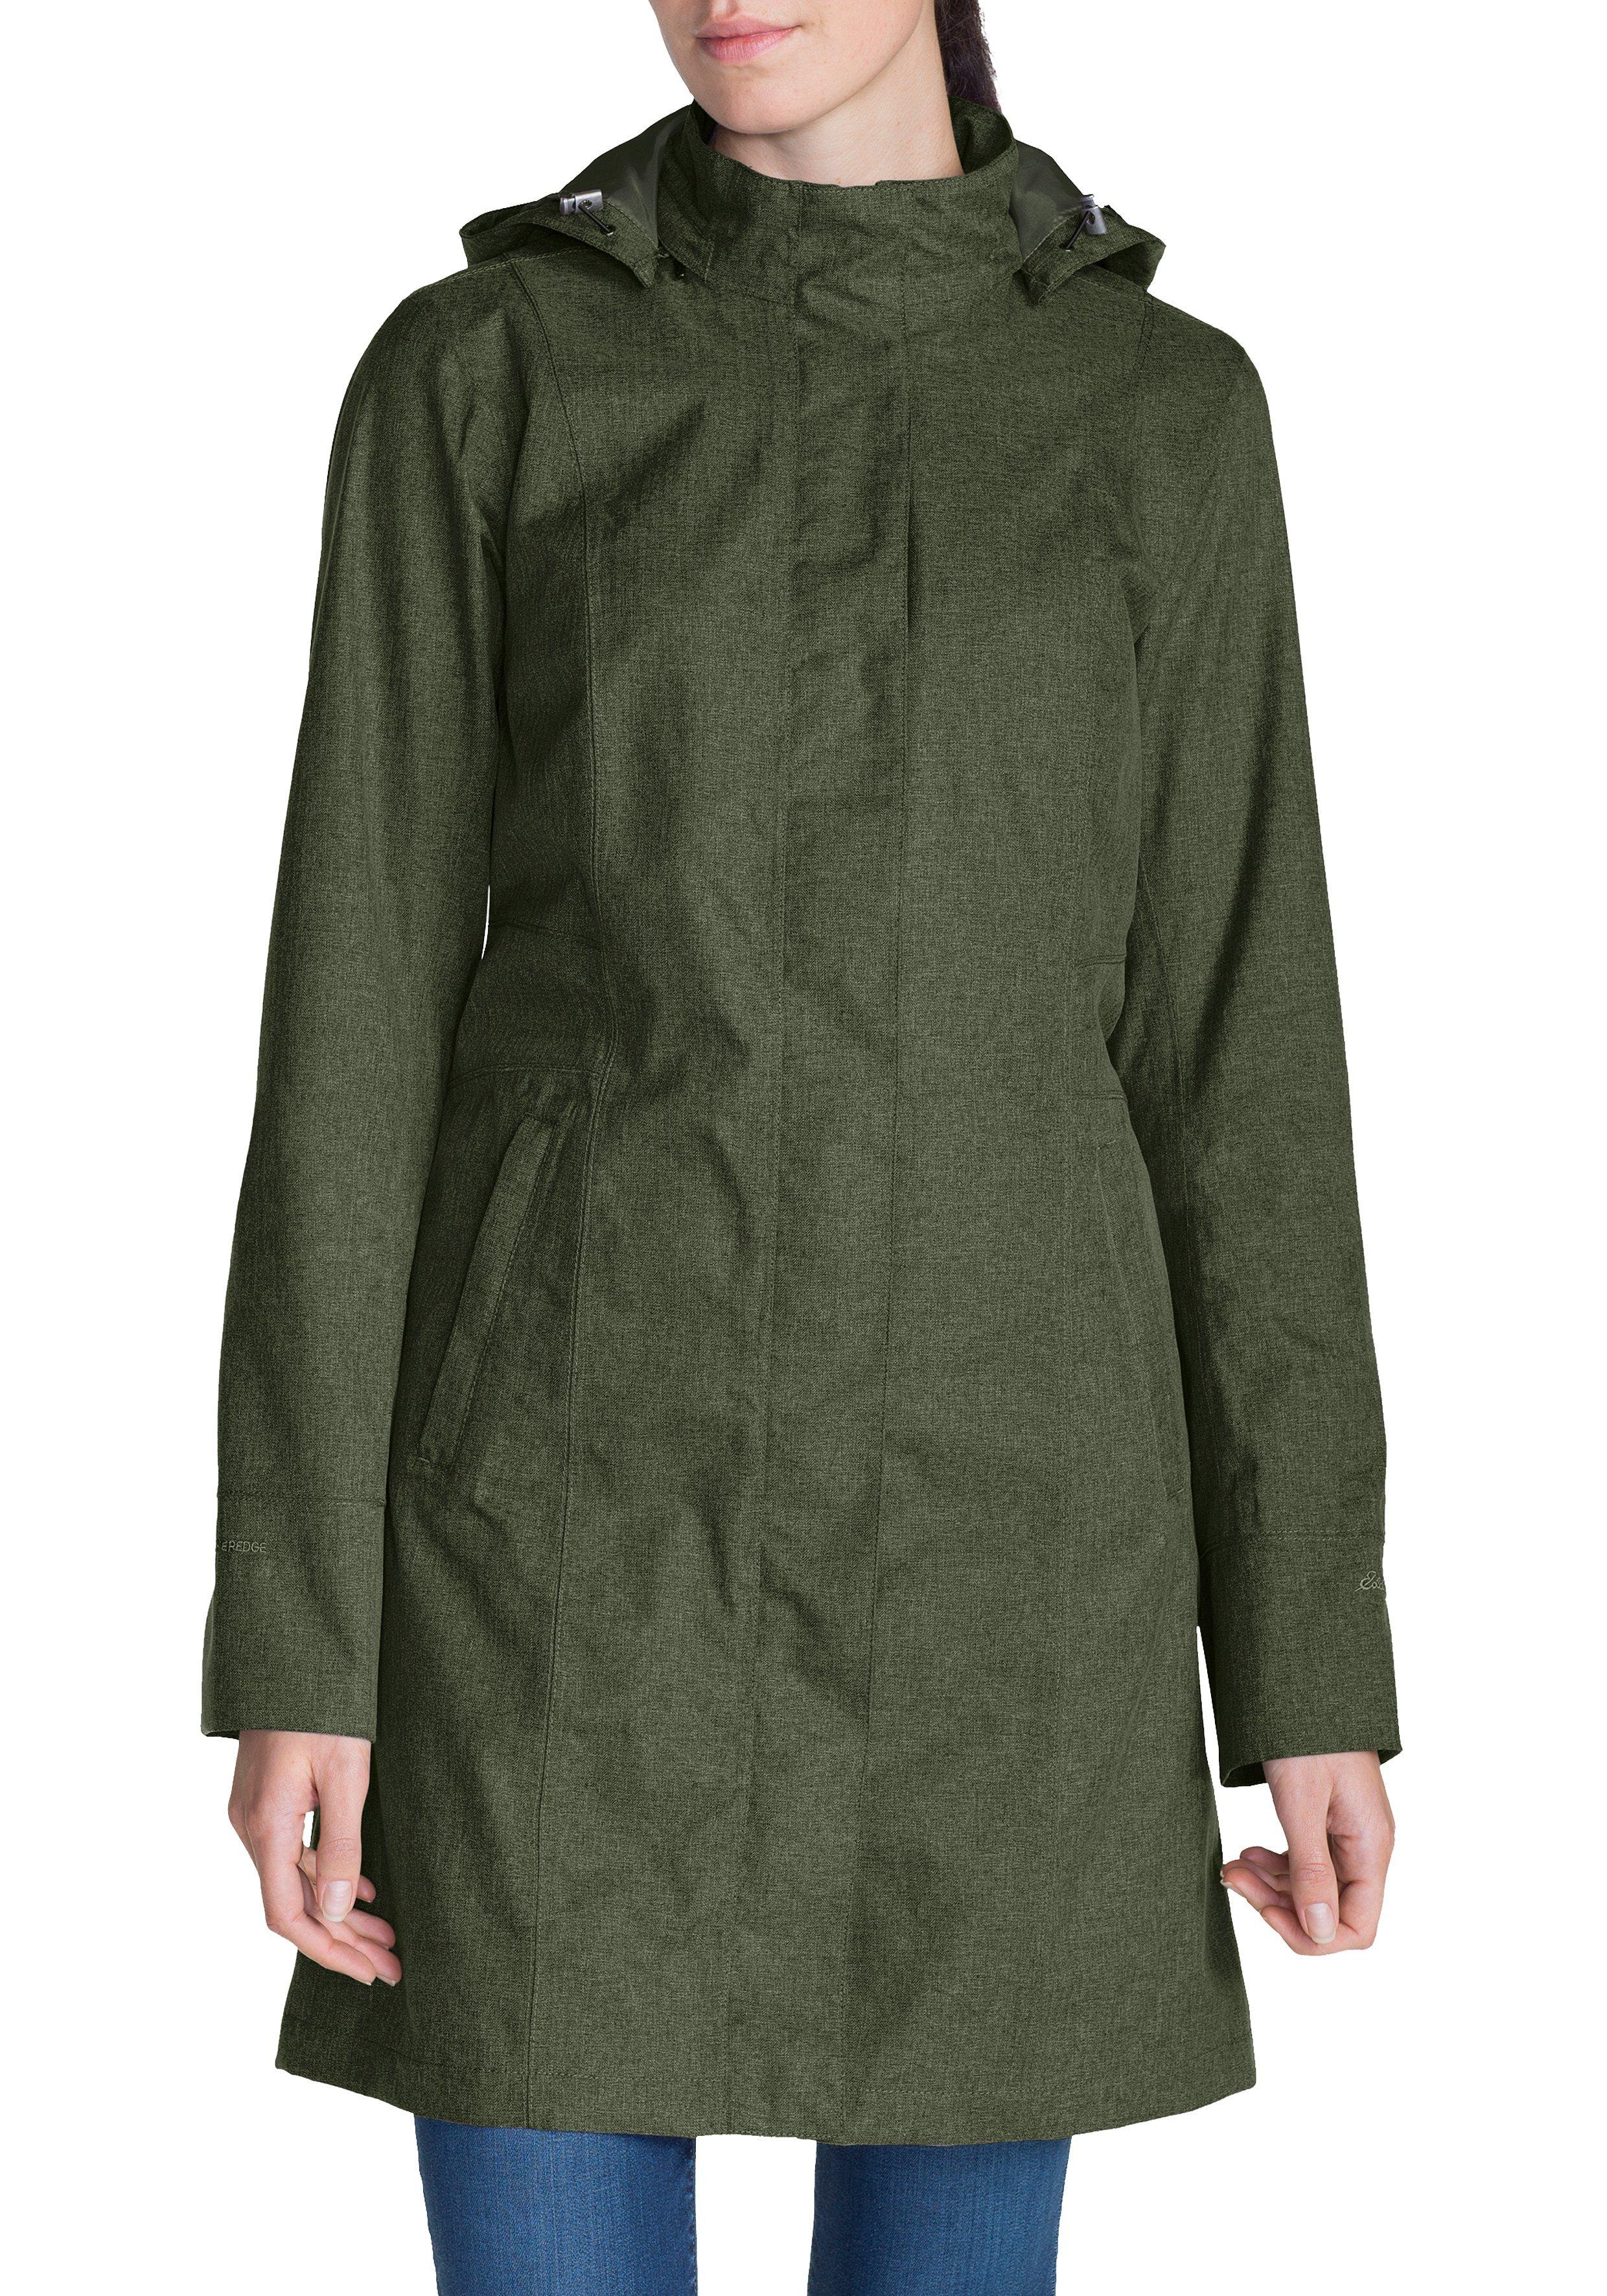 Eddie Bauer Girl on the go Trenchcoat | Bekleidung > Mäntel > Trenchcoats | Polyester | Eddie Bauer